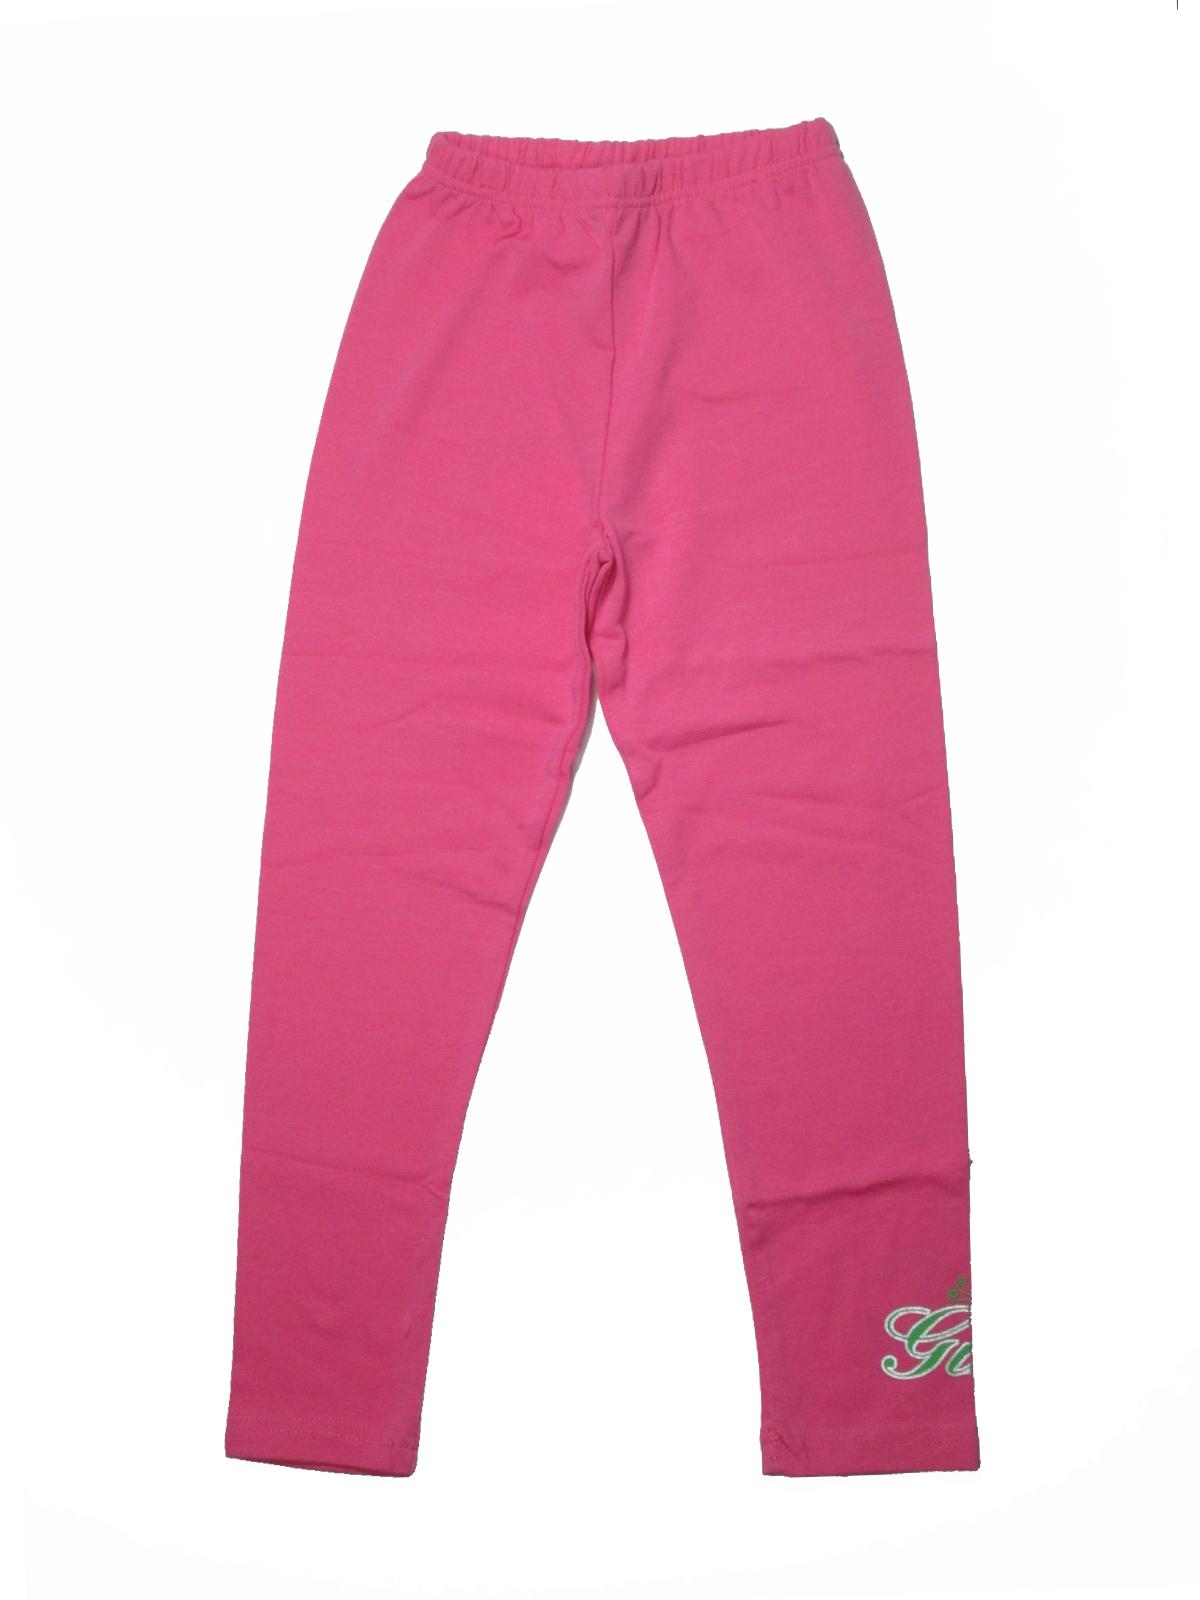 104-110-Dívčí legíny Piccola Monellina - růžová barva empty ef4cd851ec